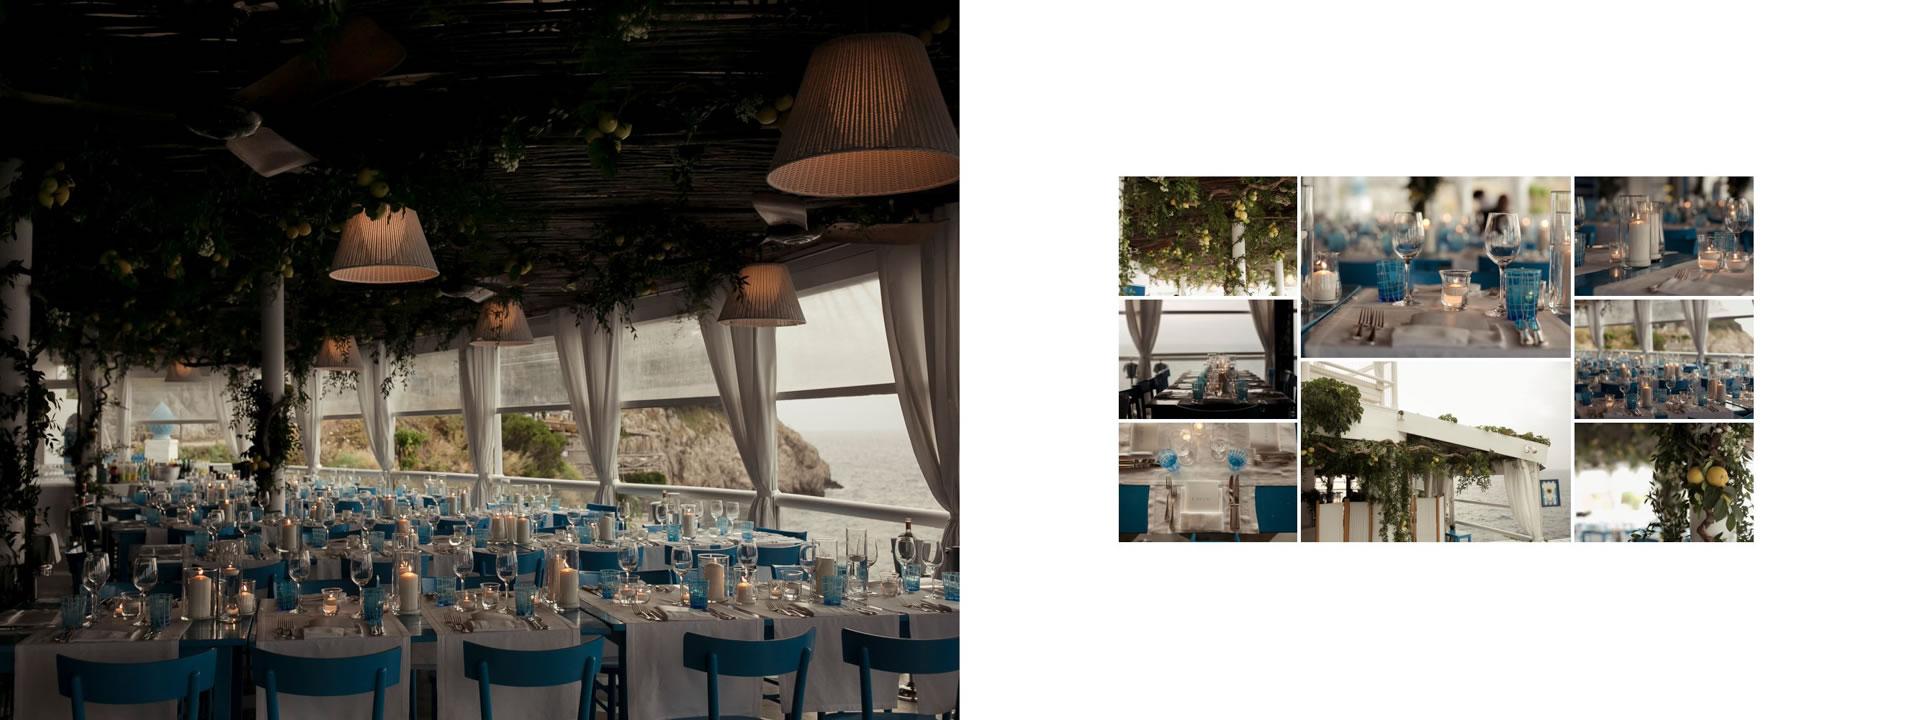 - 53 :: Jewish luxury wedding weekend in Capri :: Luxury wedding photography - 52 ::  - 53